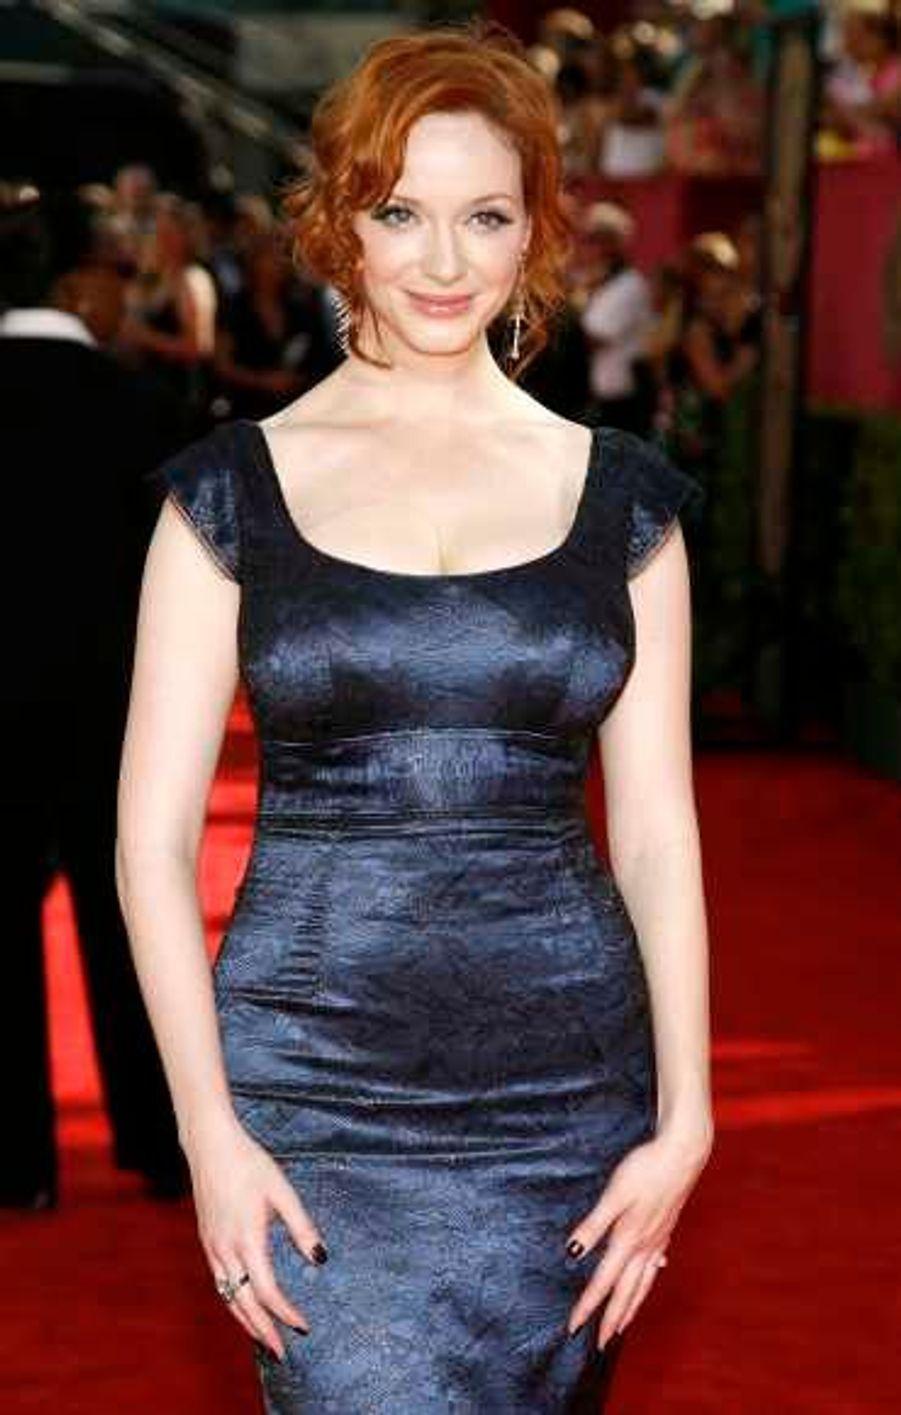 Christina Hendricks a remis au goût du jour les formes en jouant la pulpeuse Joan Holloway dans Mad Men.